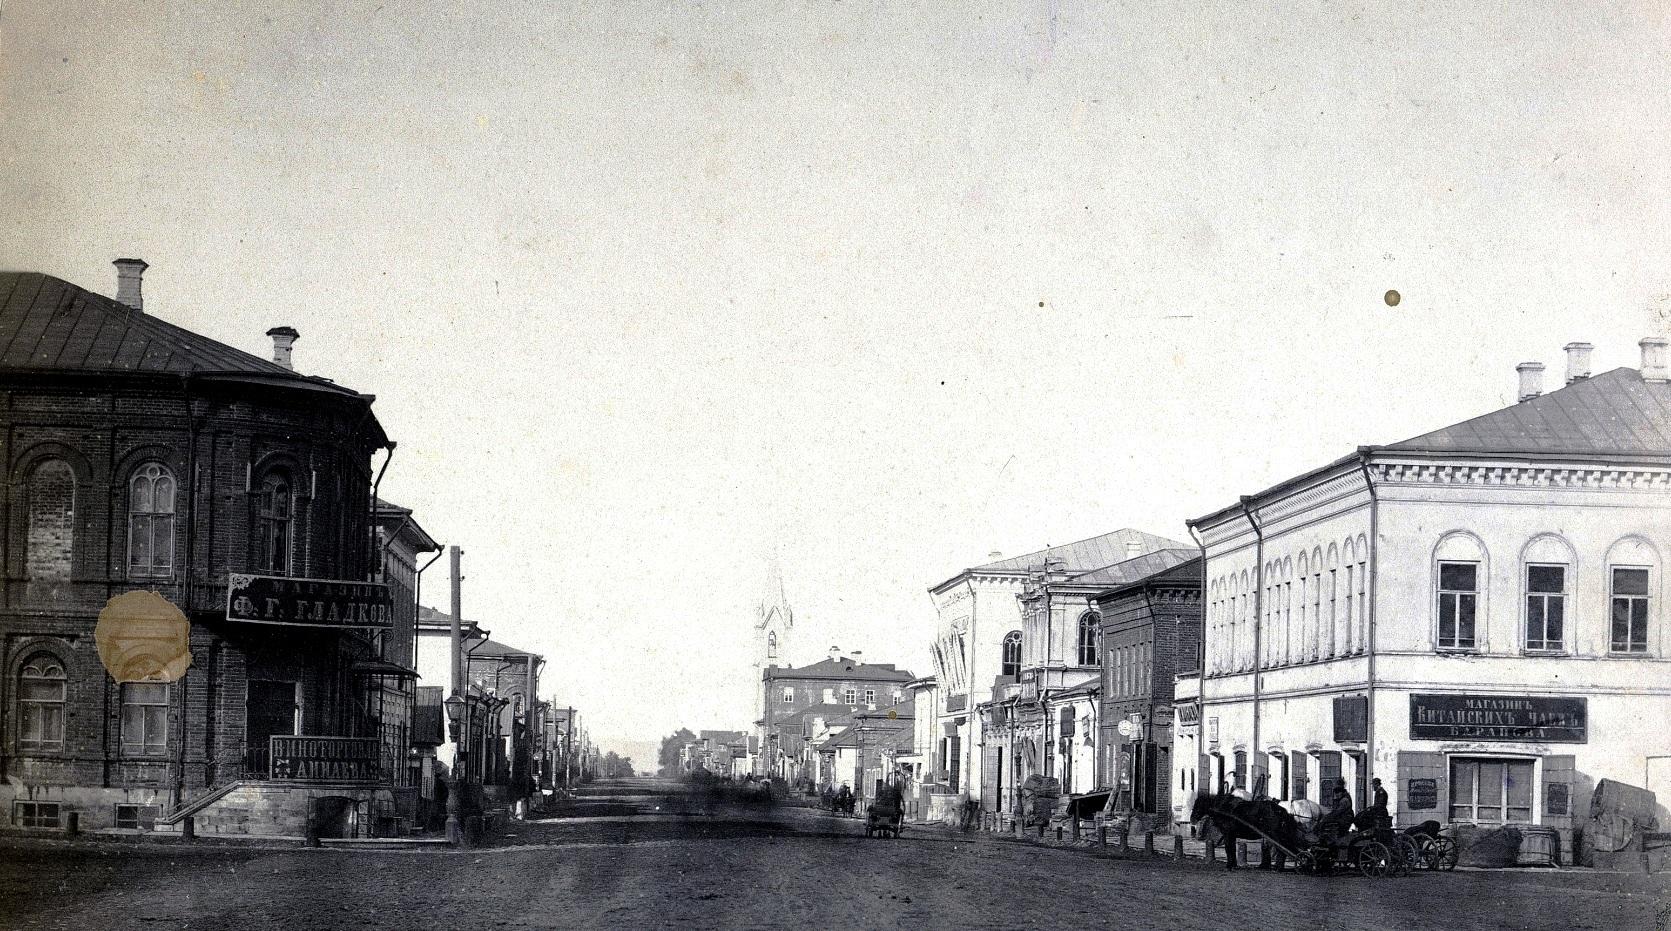 Улица Дворянская, вид от Алексеевской площади в сторону улицы Панской. 1870-е годы.